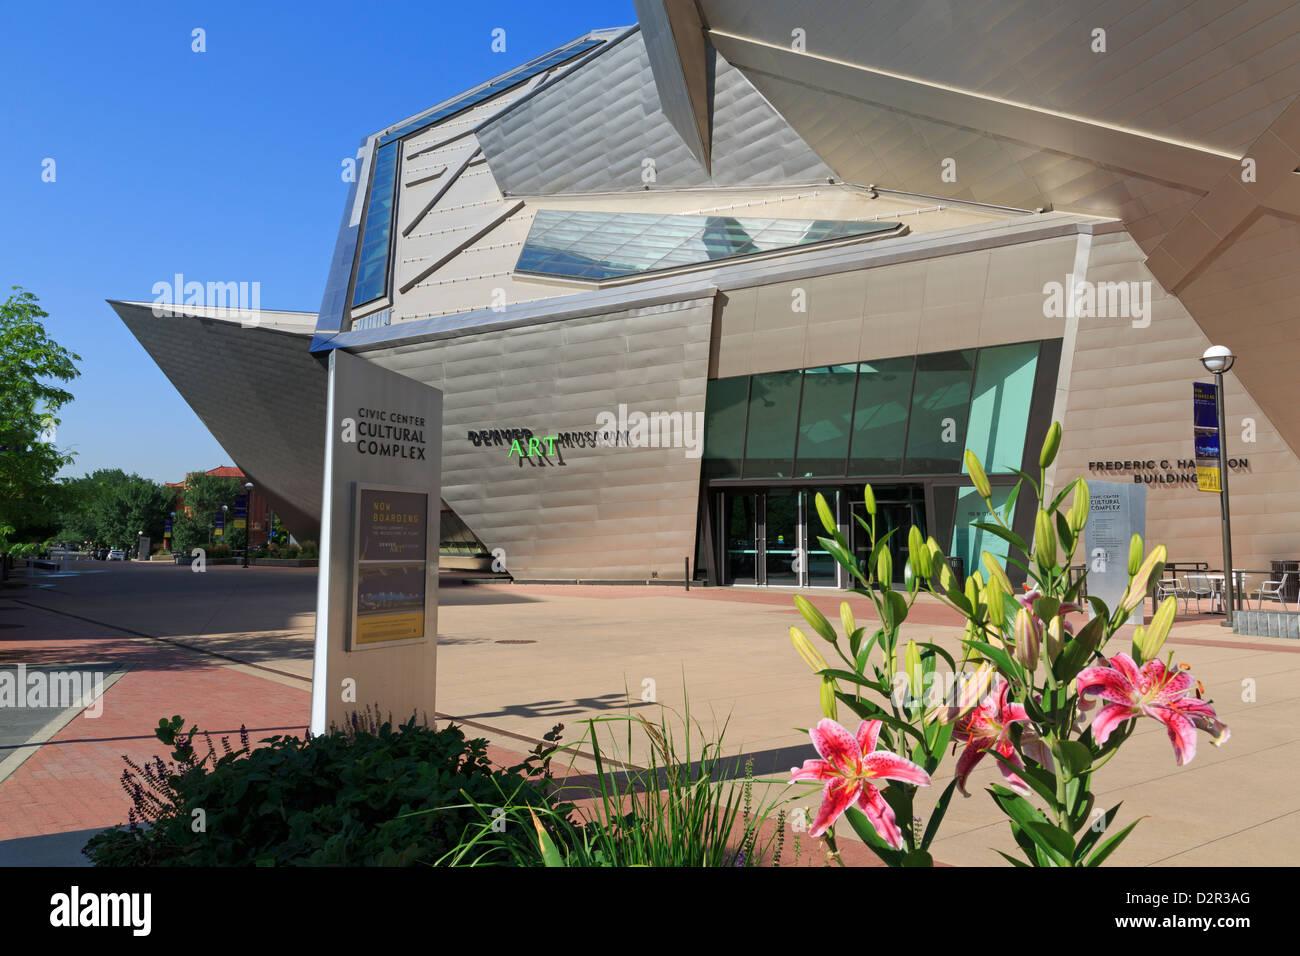 Denver Art Museum, complexe culturel du centre civique, Denver, Colorado, États-Unis d'Amérique, Amérique Photo Stock